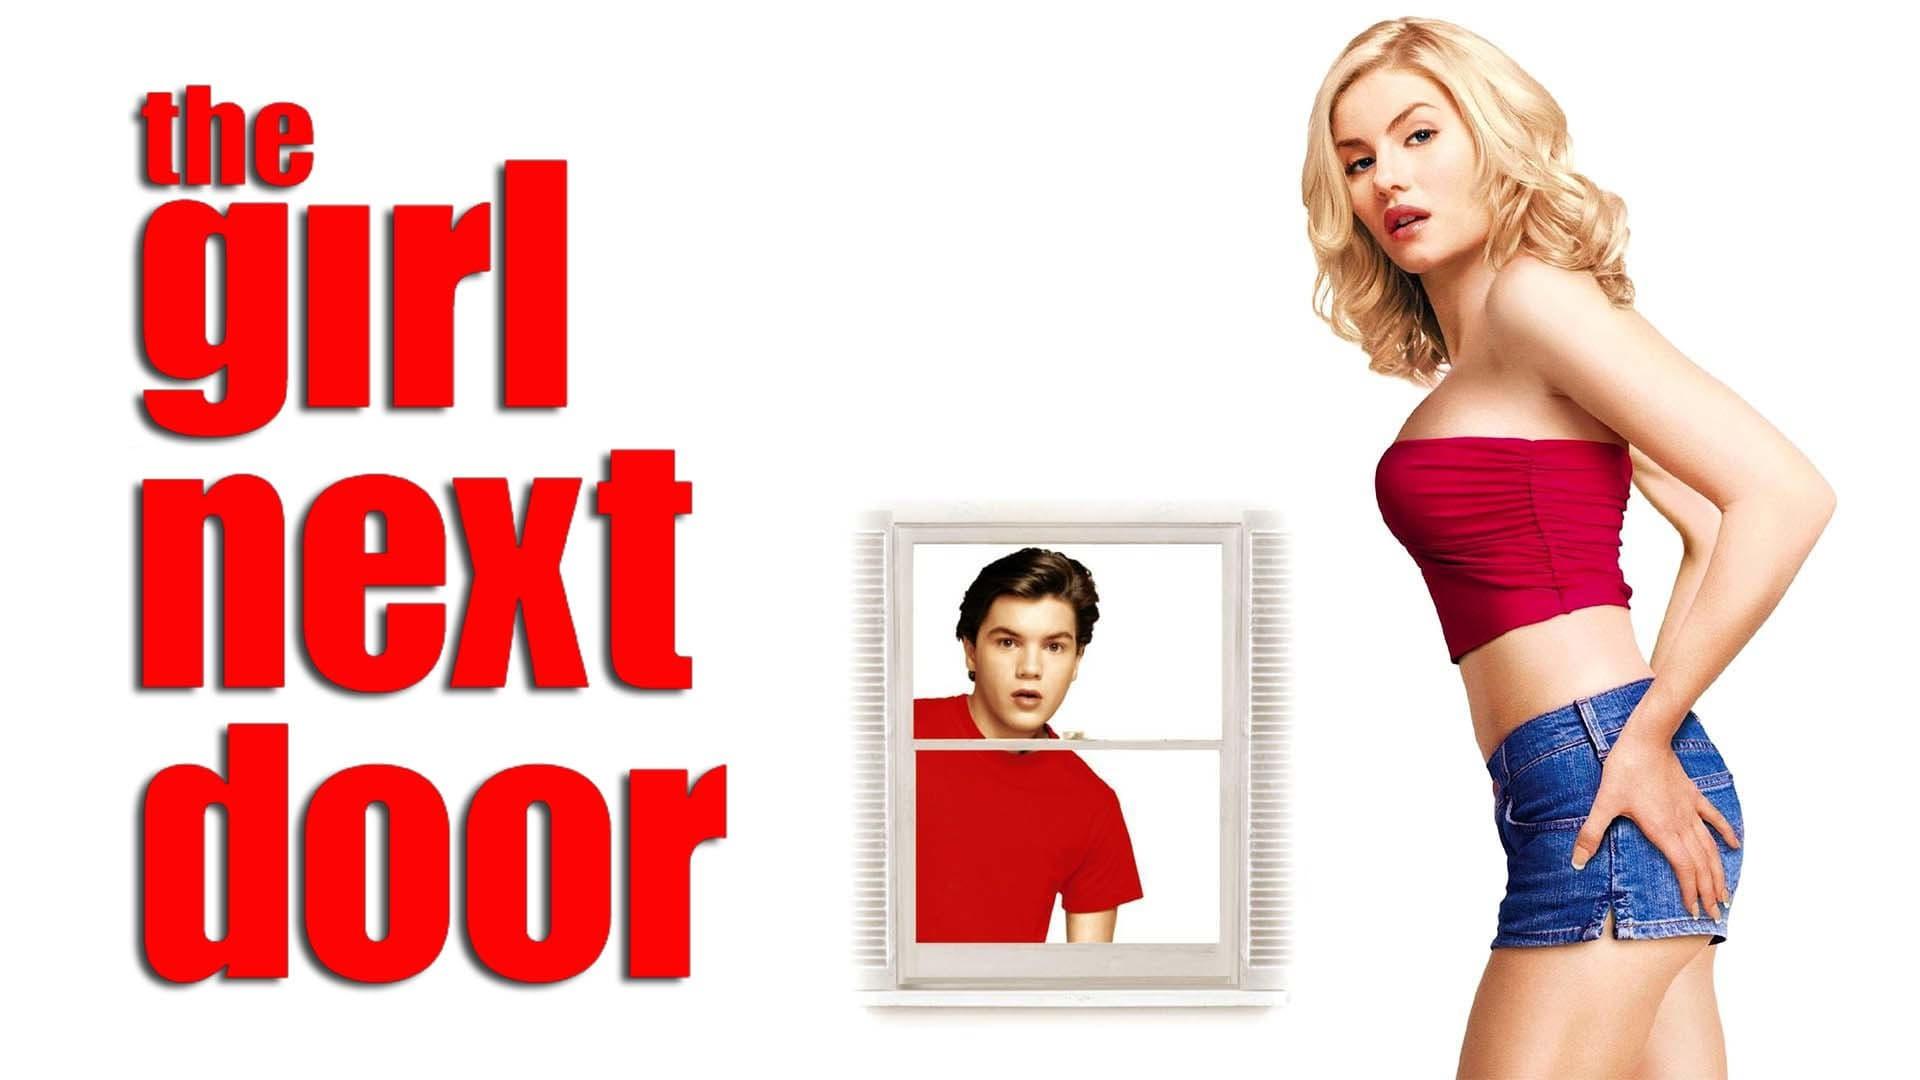 Porn movie rankings